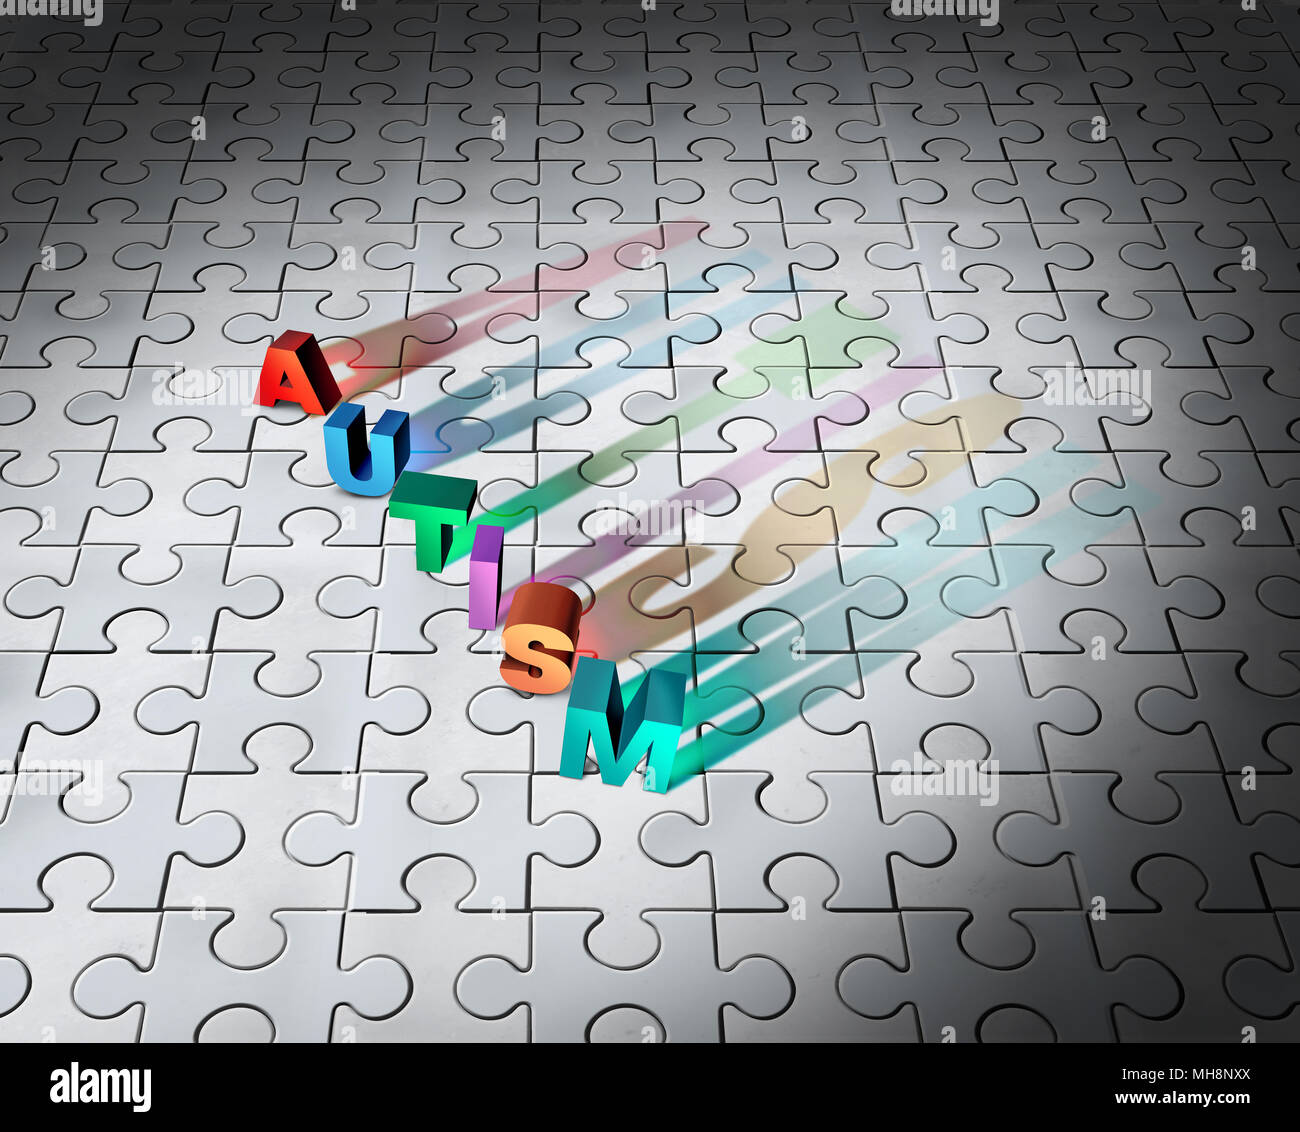 Puzzle di autismo infantile e il disturbo di sviluppo jigsaw background come un simbolo astratto per la consapevolezza autistici come 3D'illustrazione. Immagini Stock